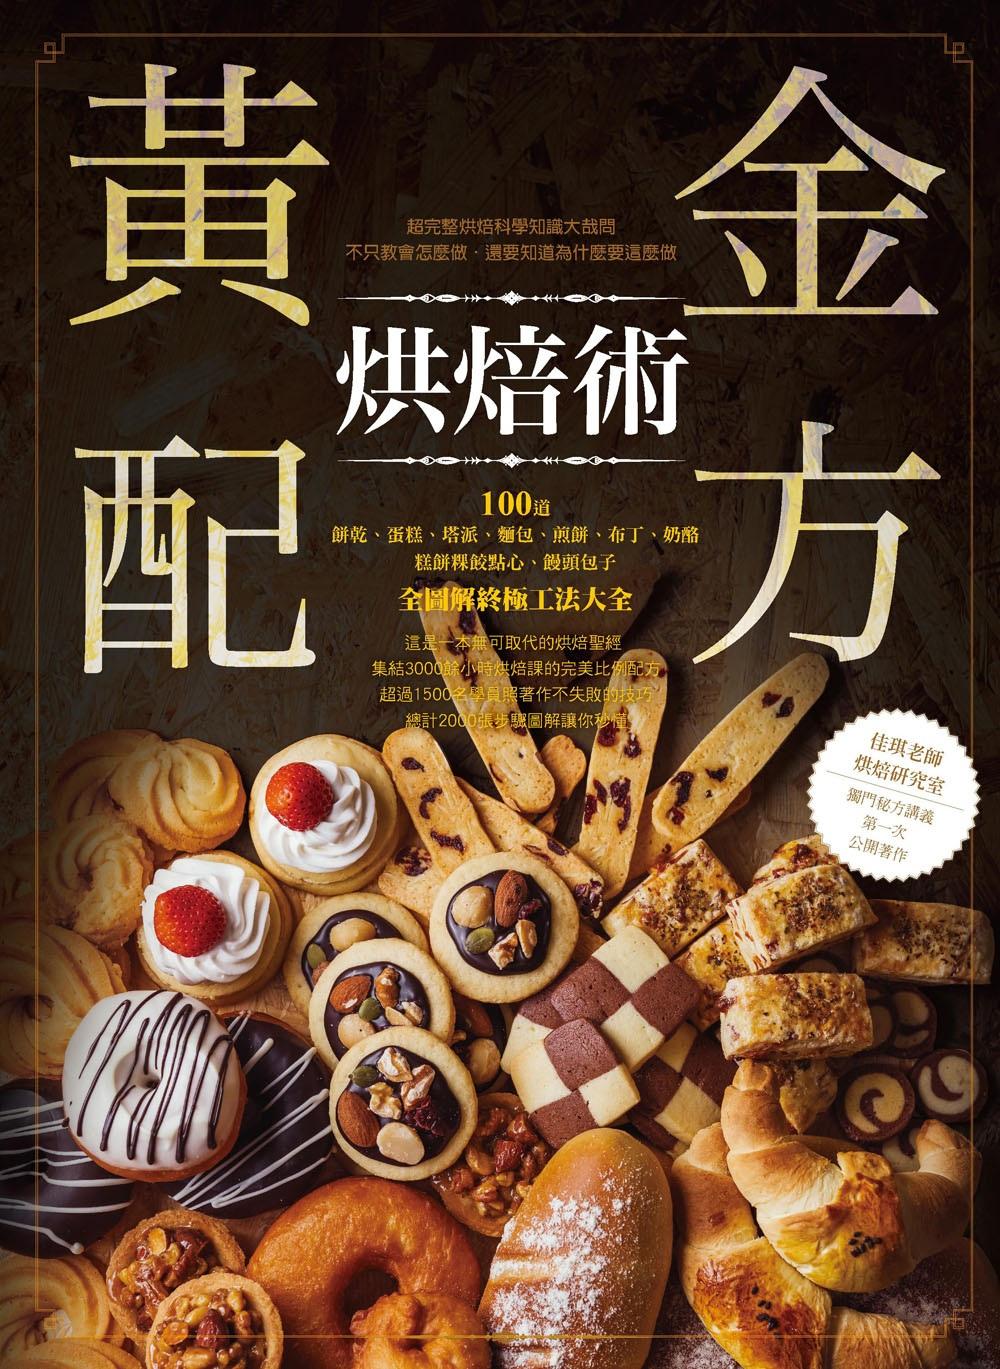 黃金配方烘焙術 100道餅乾、蛋糕、塔派、麵包、煎餅、布丁、奶酪、糕餅粿餃點心、饅頭包子全圖解終極工法大全